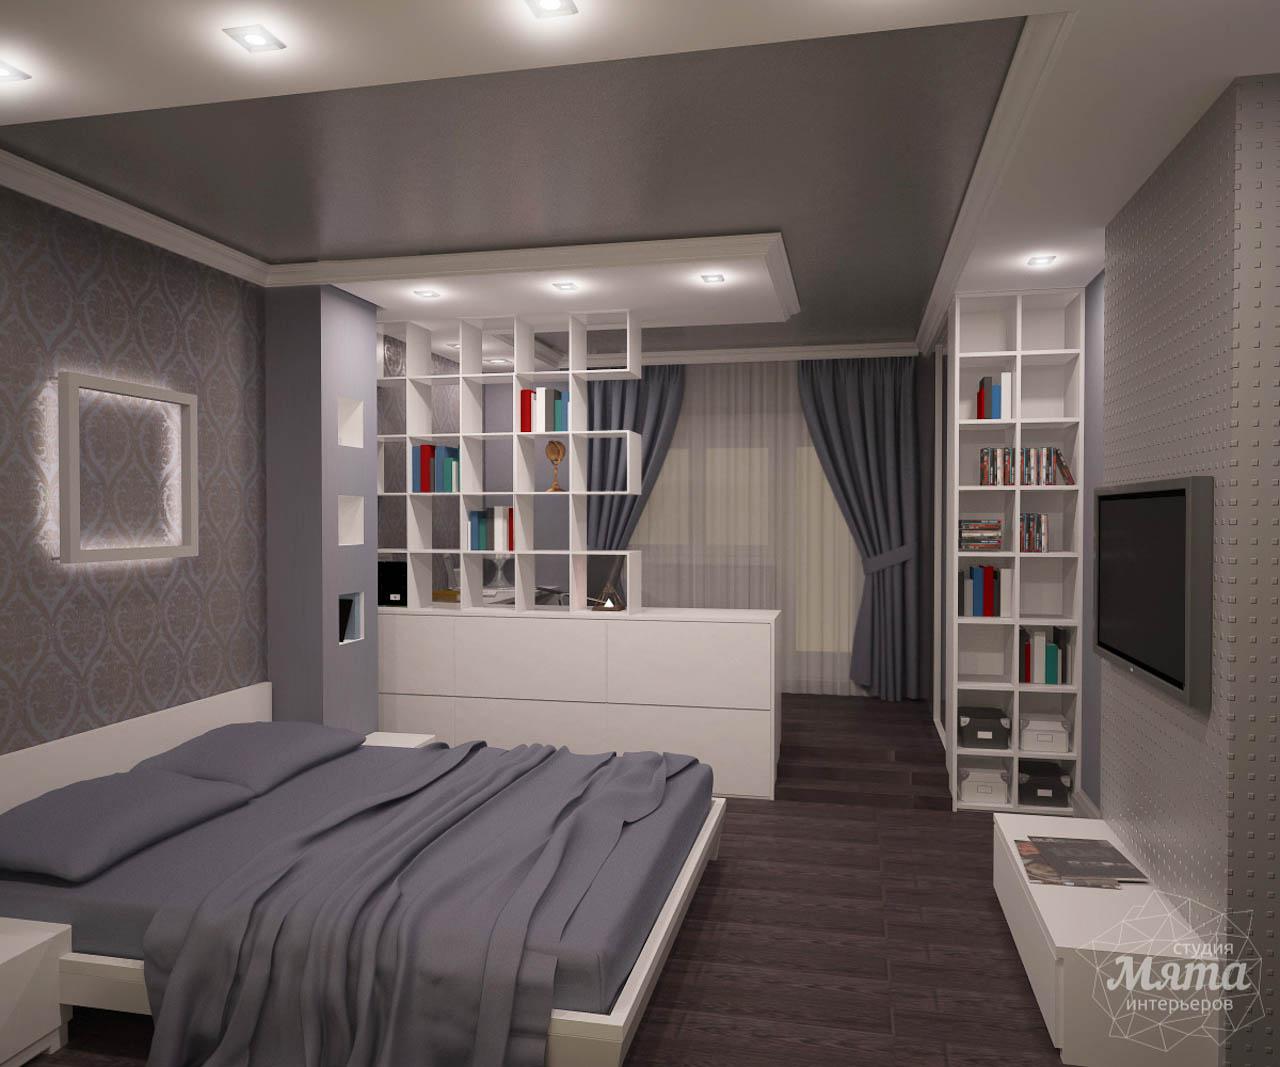 Дизайн интерьера однокомнатной квартиры по ул. Посадская 34 img465489002